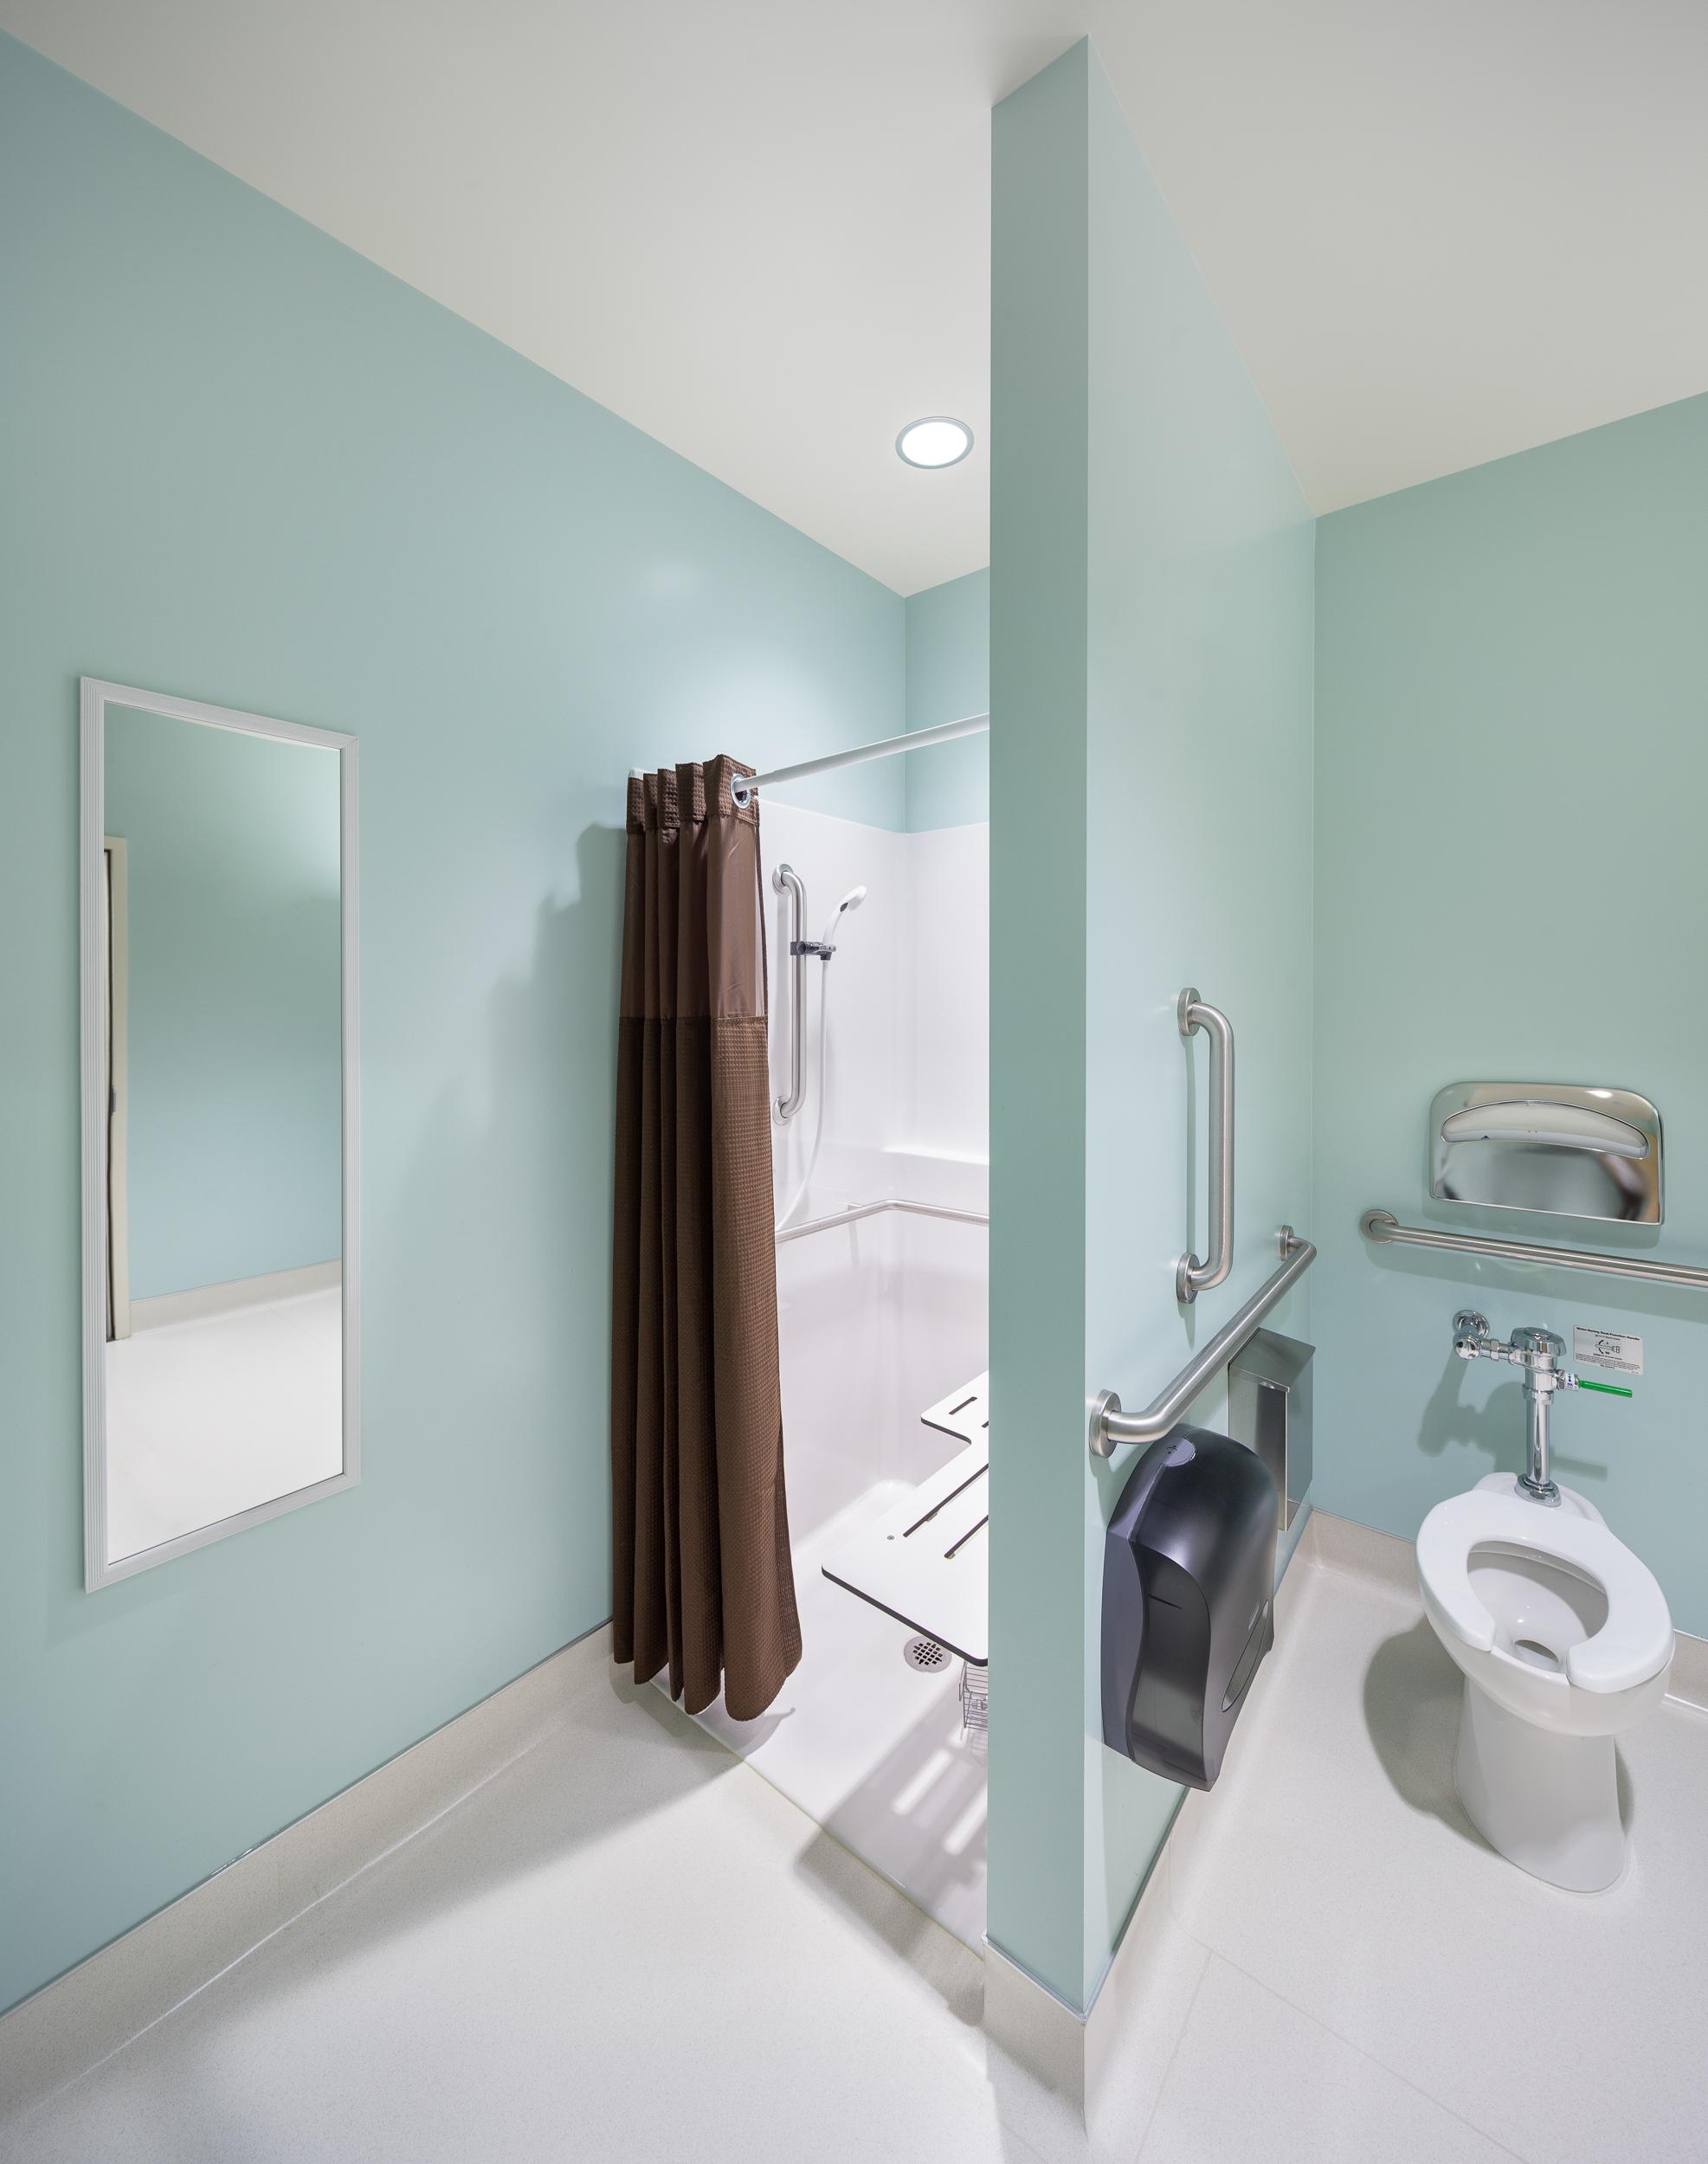 07-KaiserPerm-JoshPartee-7733-ada-restroom.jpg